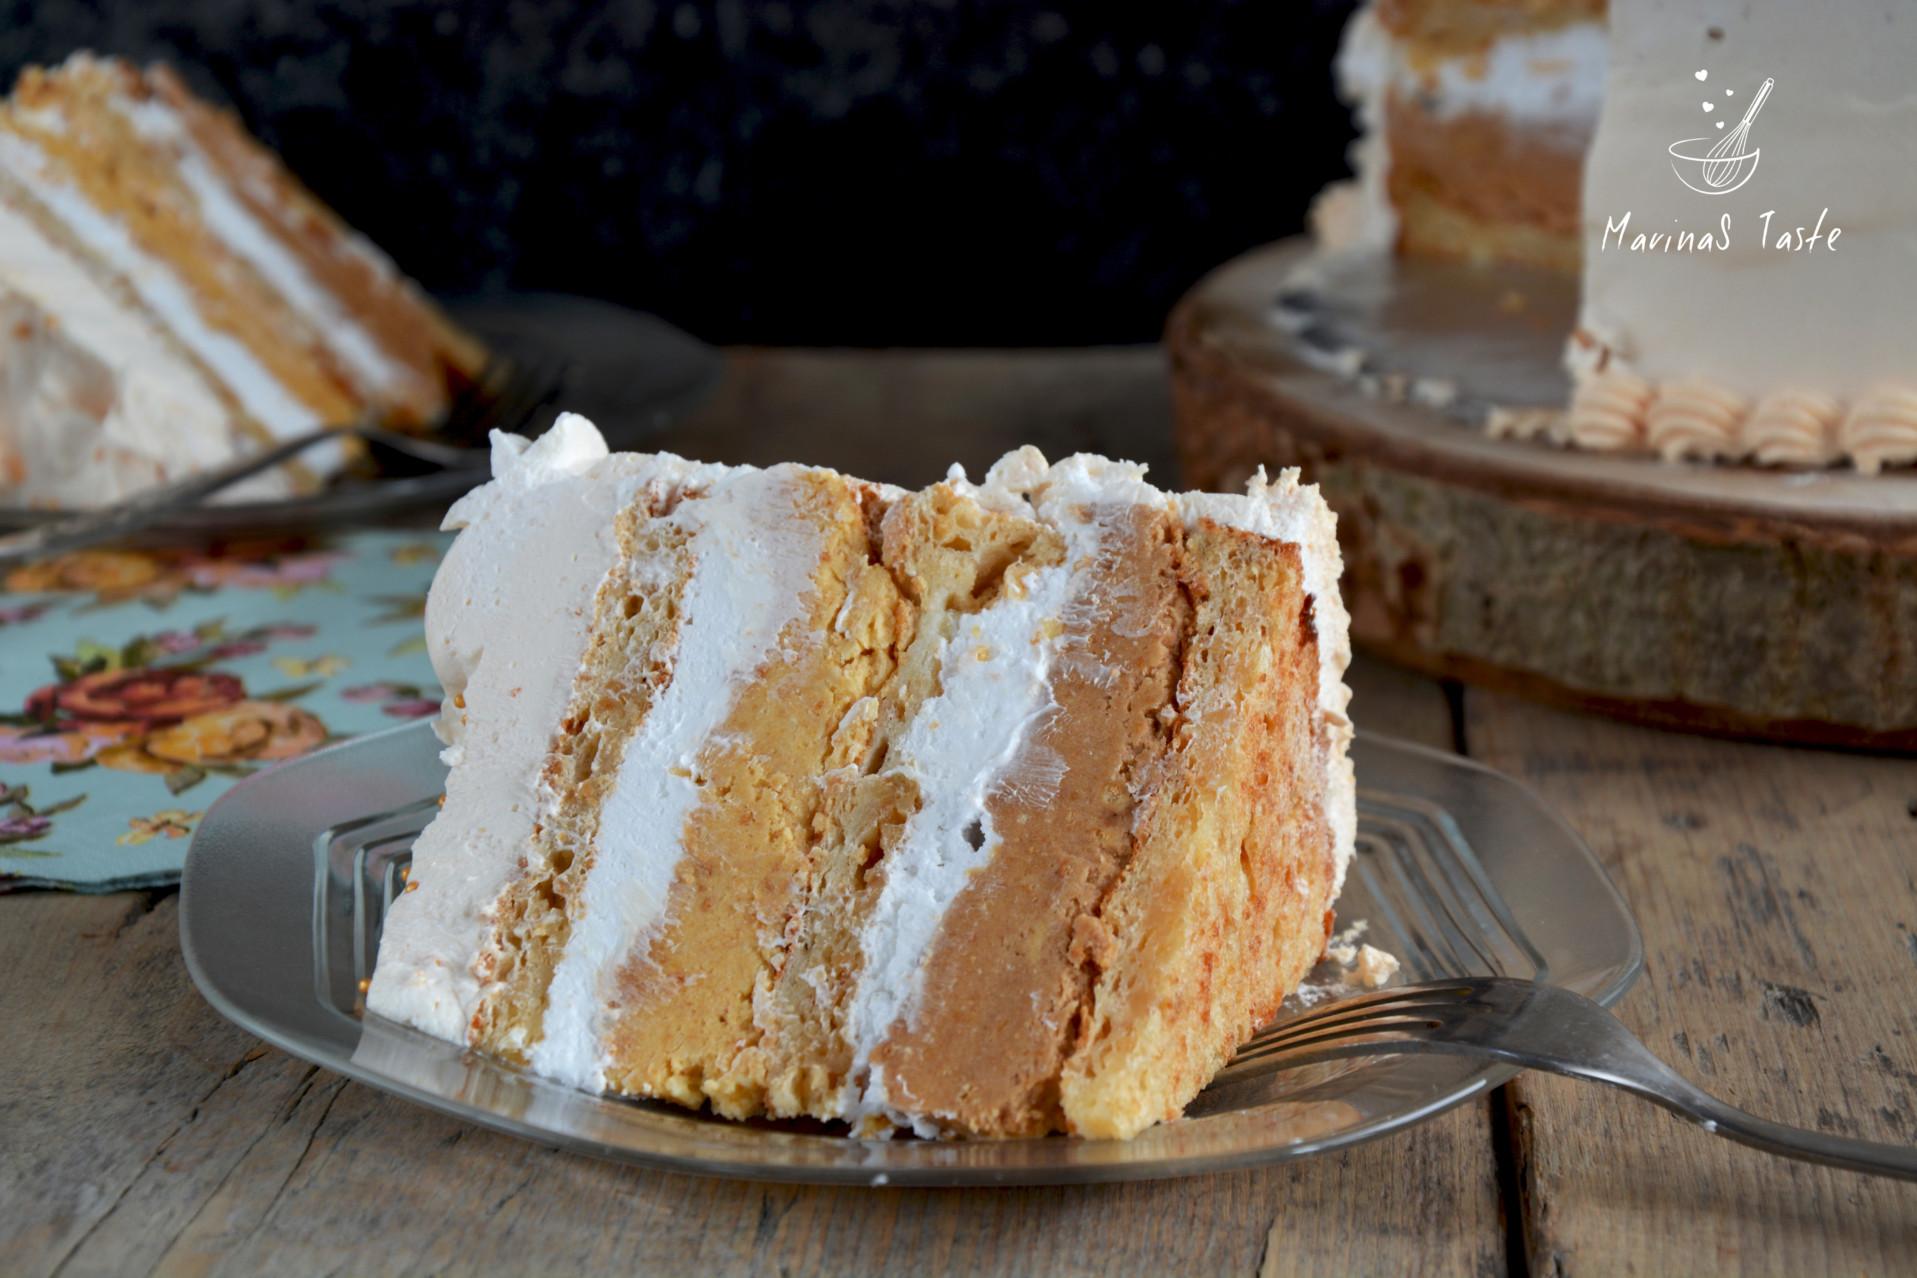 Plazma-noisette-torta-5